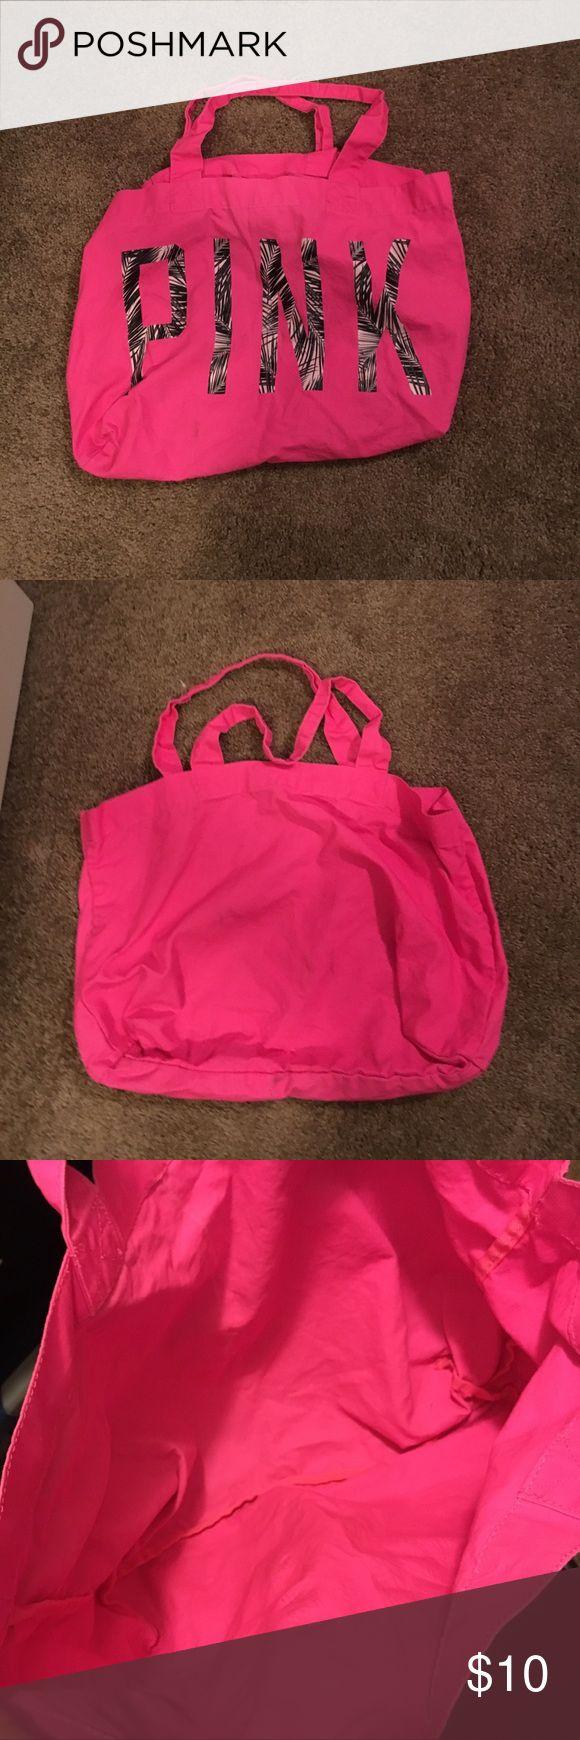 Pink Victoria Secret Tote Bag Pink Victoria Secret Tote Bag PINK Victoria's Secret Bags Totes